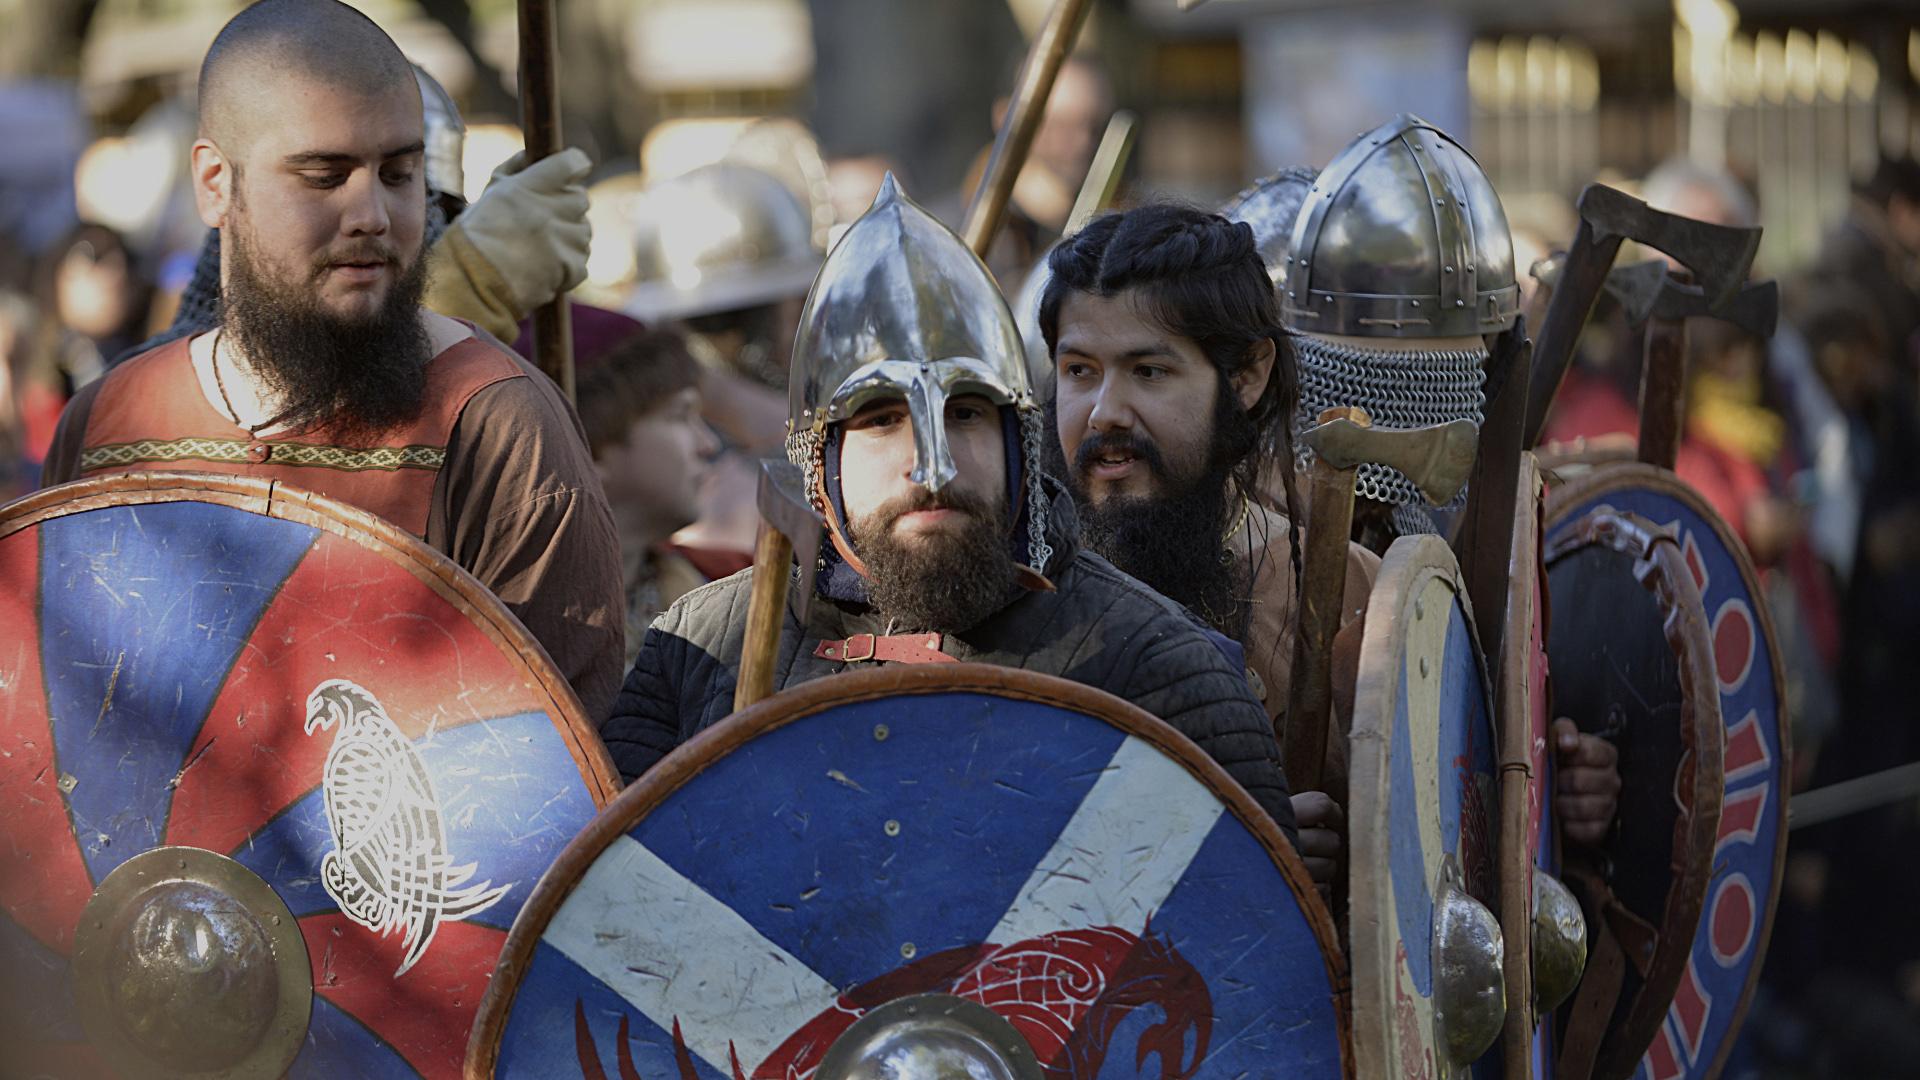 Otras agrupaciones queentraron en acción fueron Orden de los Caballeros de la Cruz, Centro Entrenamiento Combate Medieval, Jokoak Juegos antiguos, Fara I Viking, Agrupación Medieval Cuervos de Odin Guardia Varega